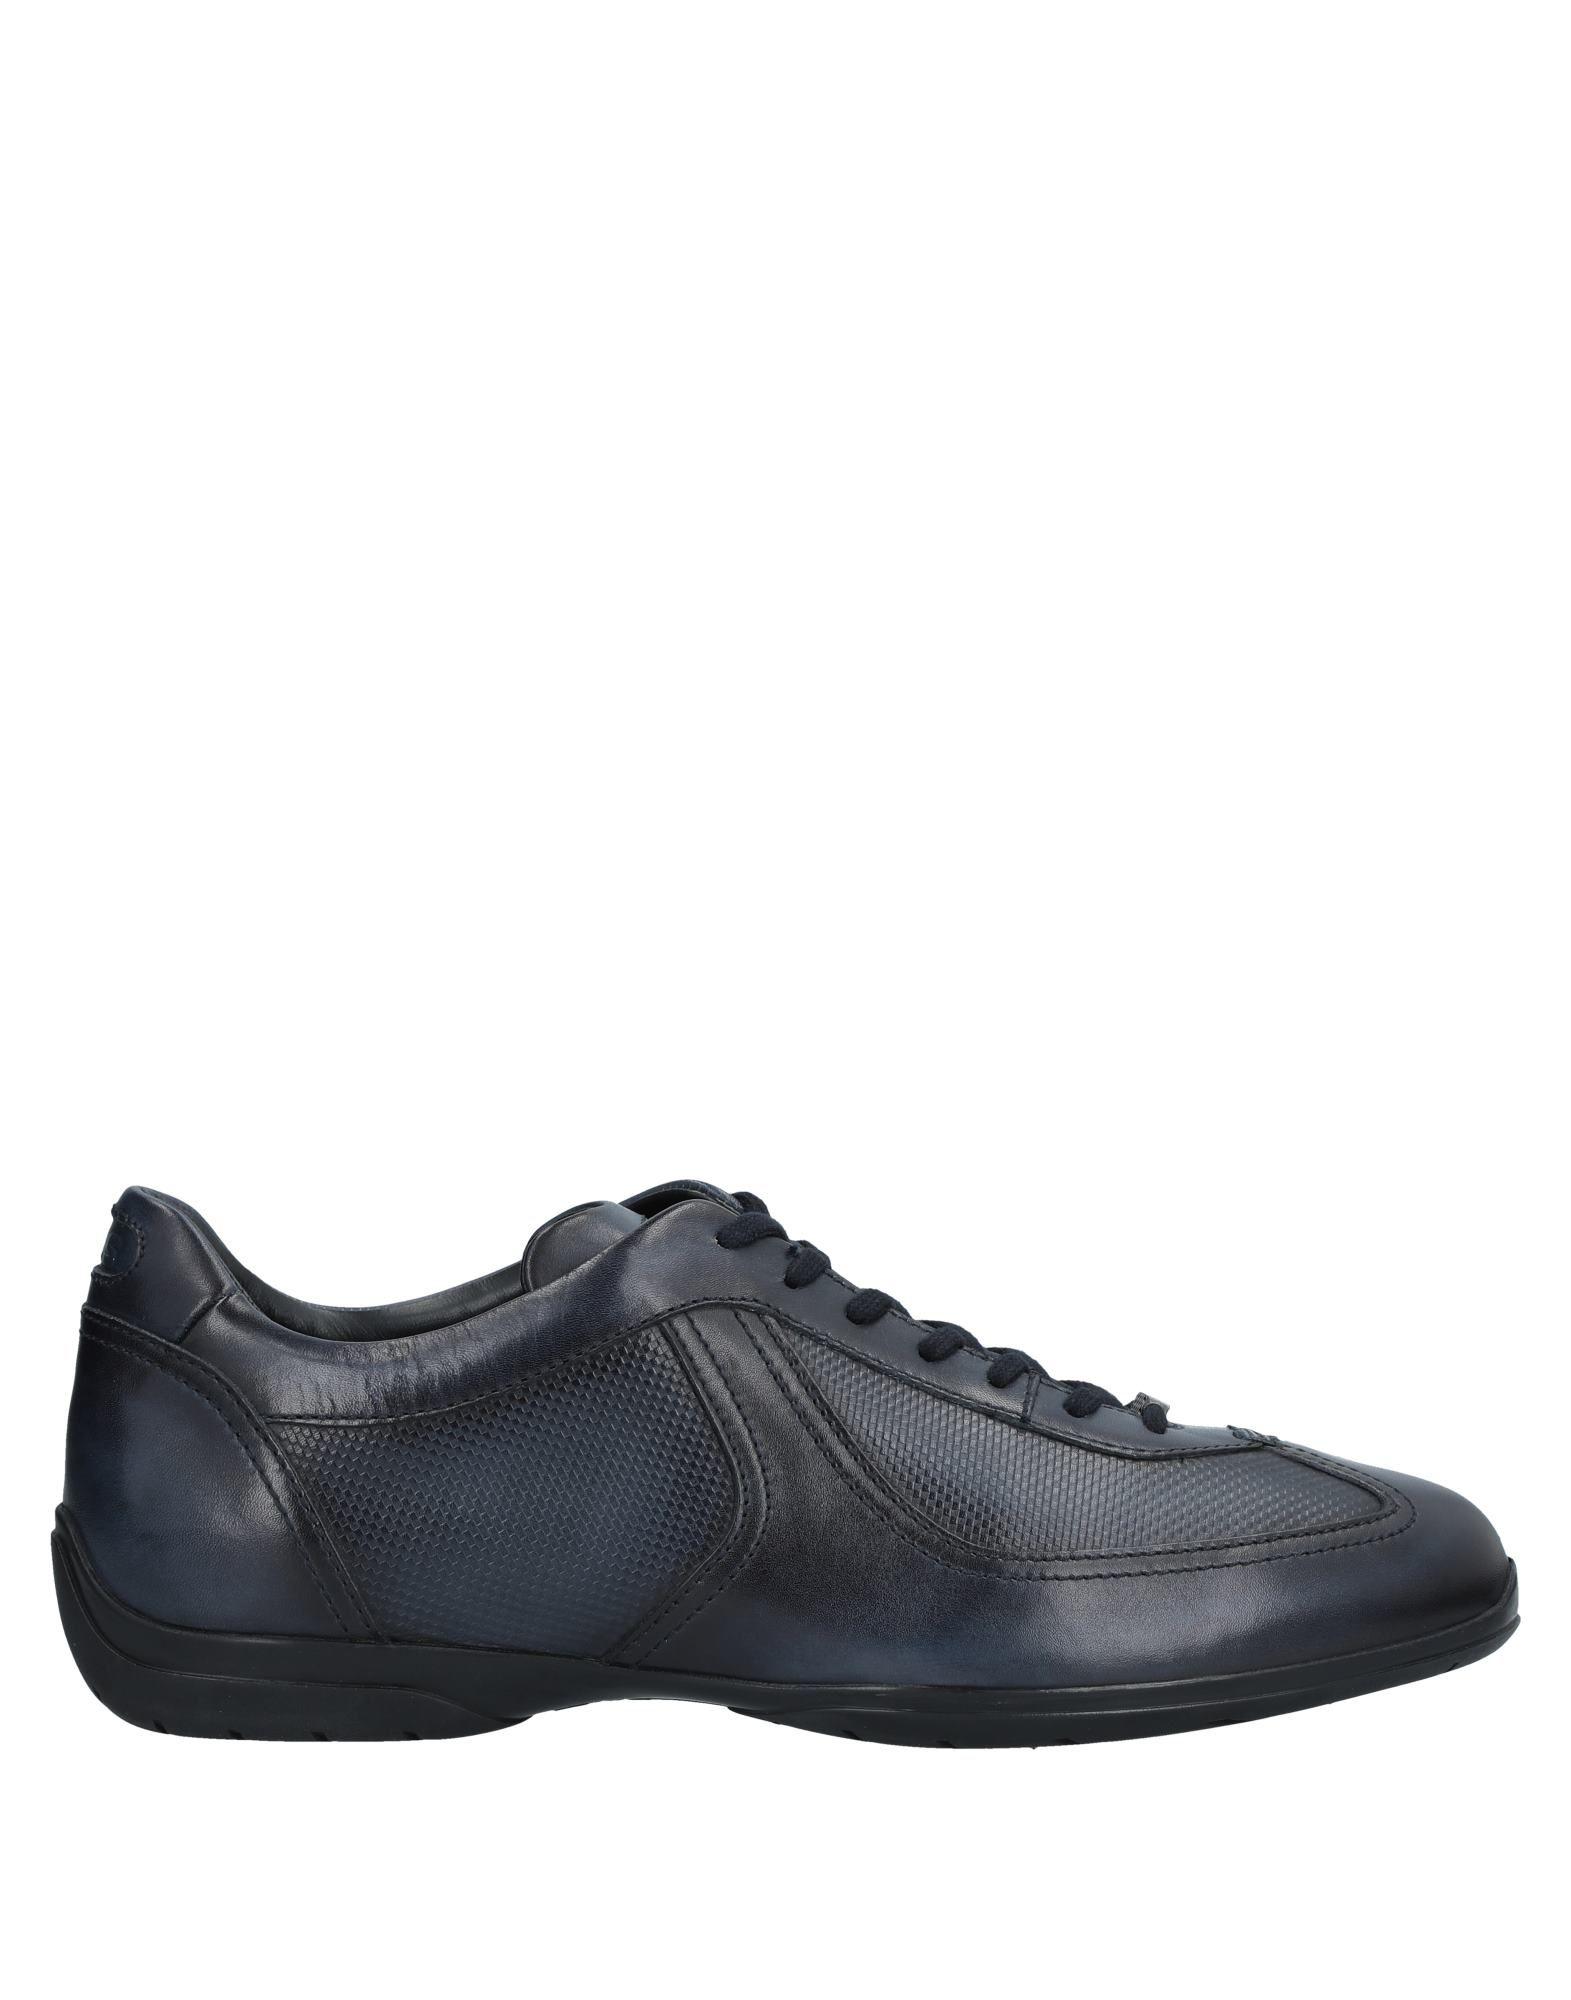 Sneakers Santoni Homme - Sneakers Santoni  Bleu foncé Spécial temps limité